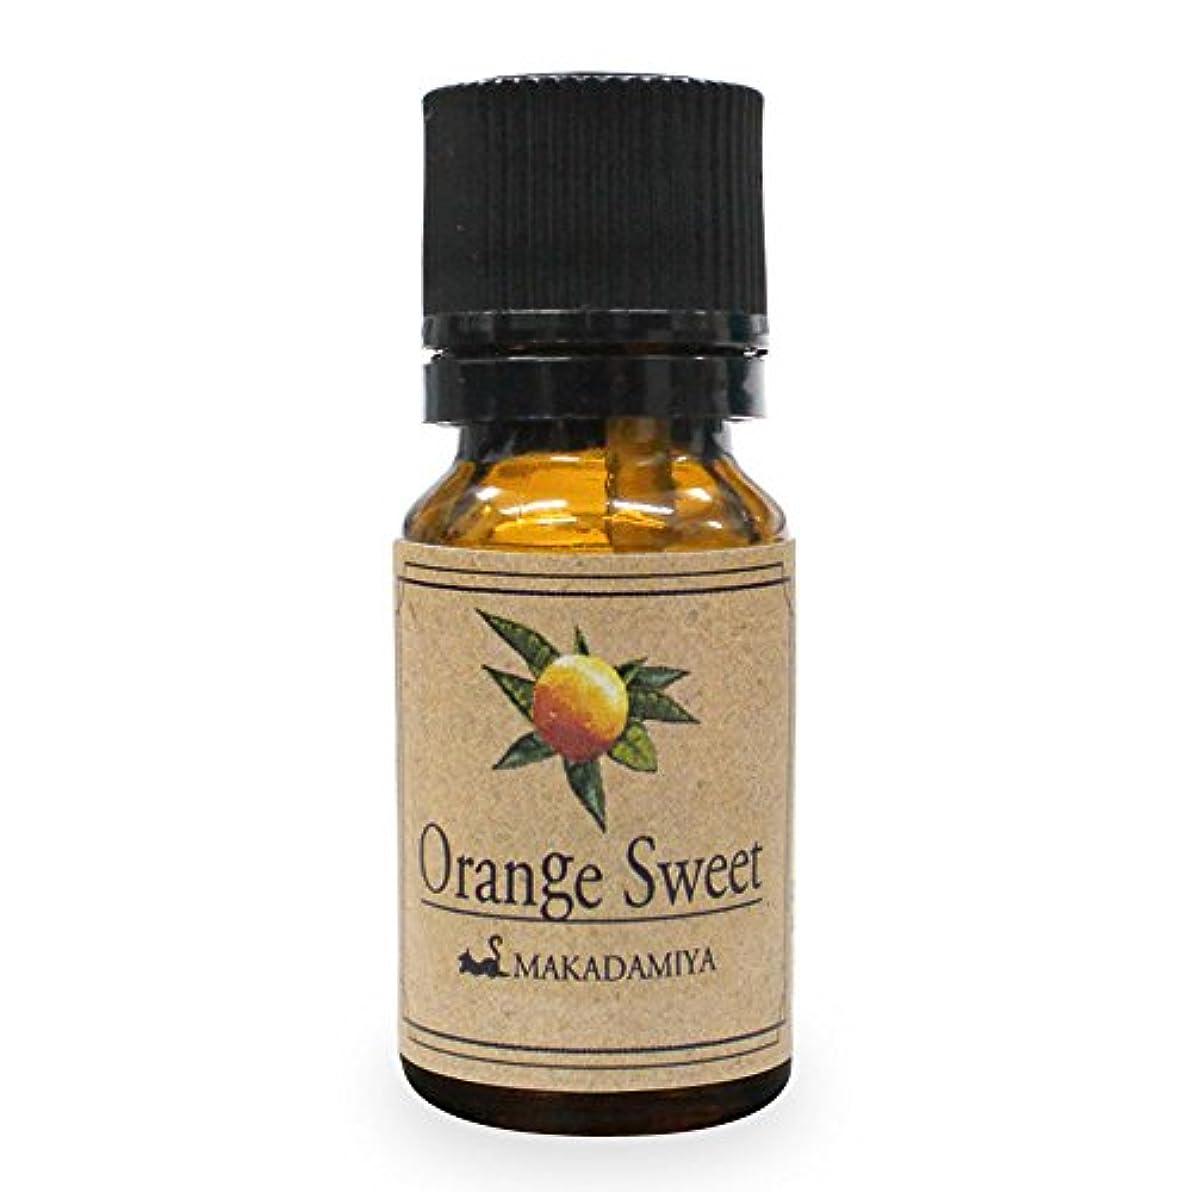 安全性処方するで出来ているオレンジ・スイート10ml 天然100%植物性 エッセンシャルオイル(精油) アロマオイル アロママッサージ aroma Orange S.